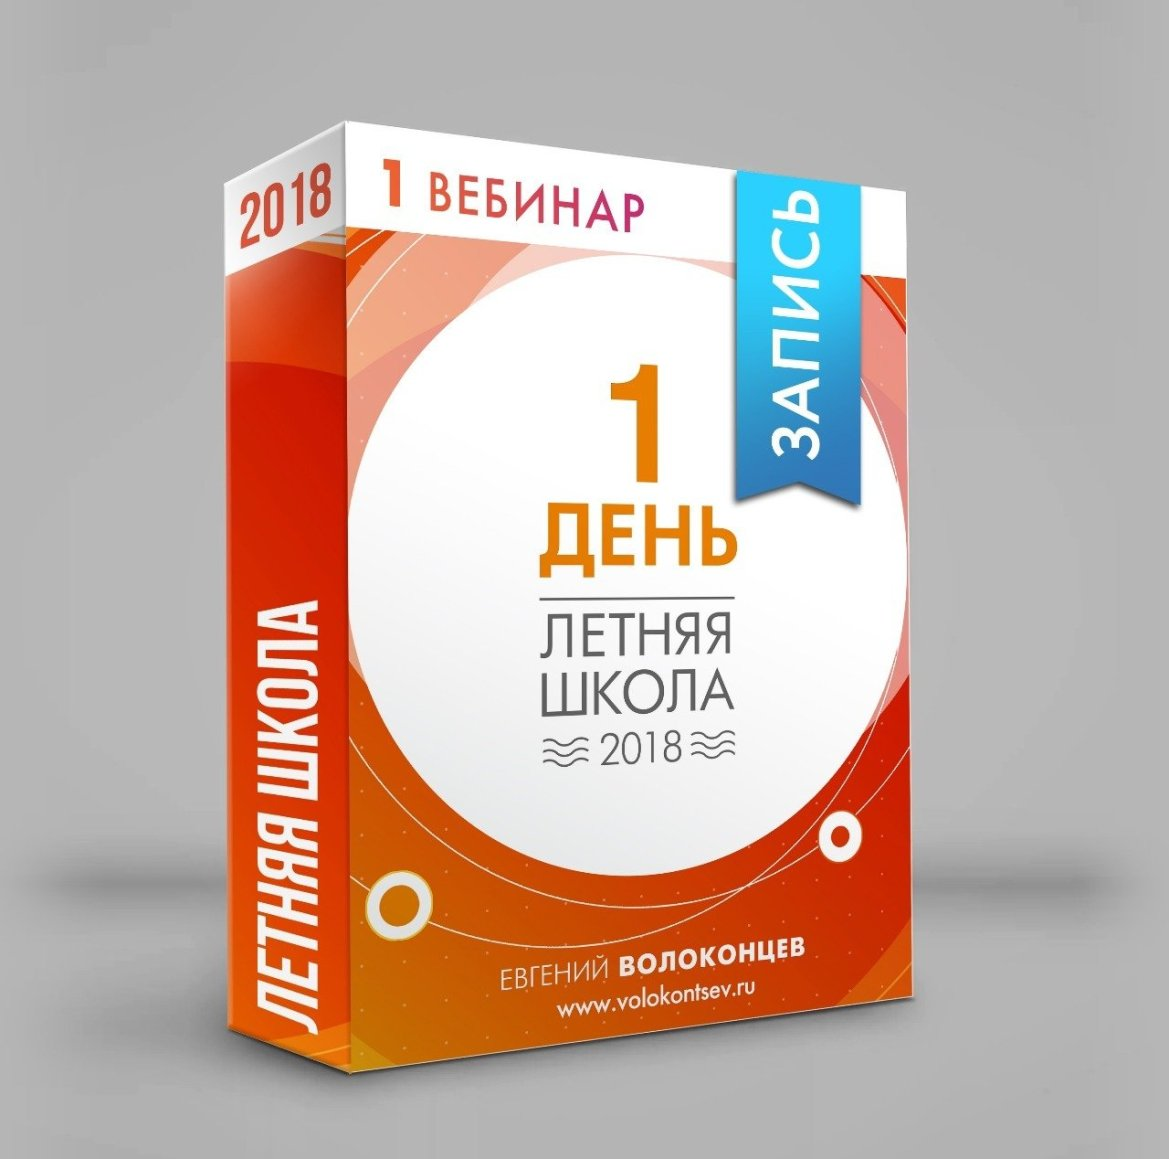 ОДИН ВЕБИНАР ЛЕТНЕЙ ШКОЛЫ В ЗАПИСИ ПО ВЫБОРУ. Июль 2018. 00043